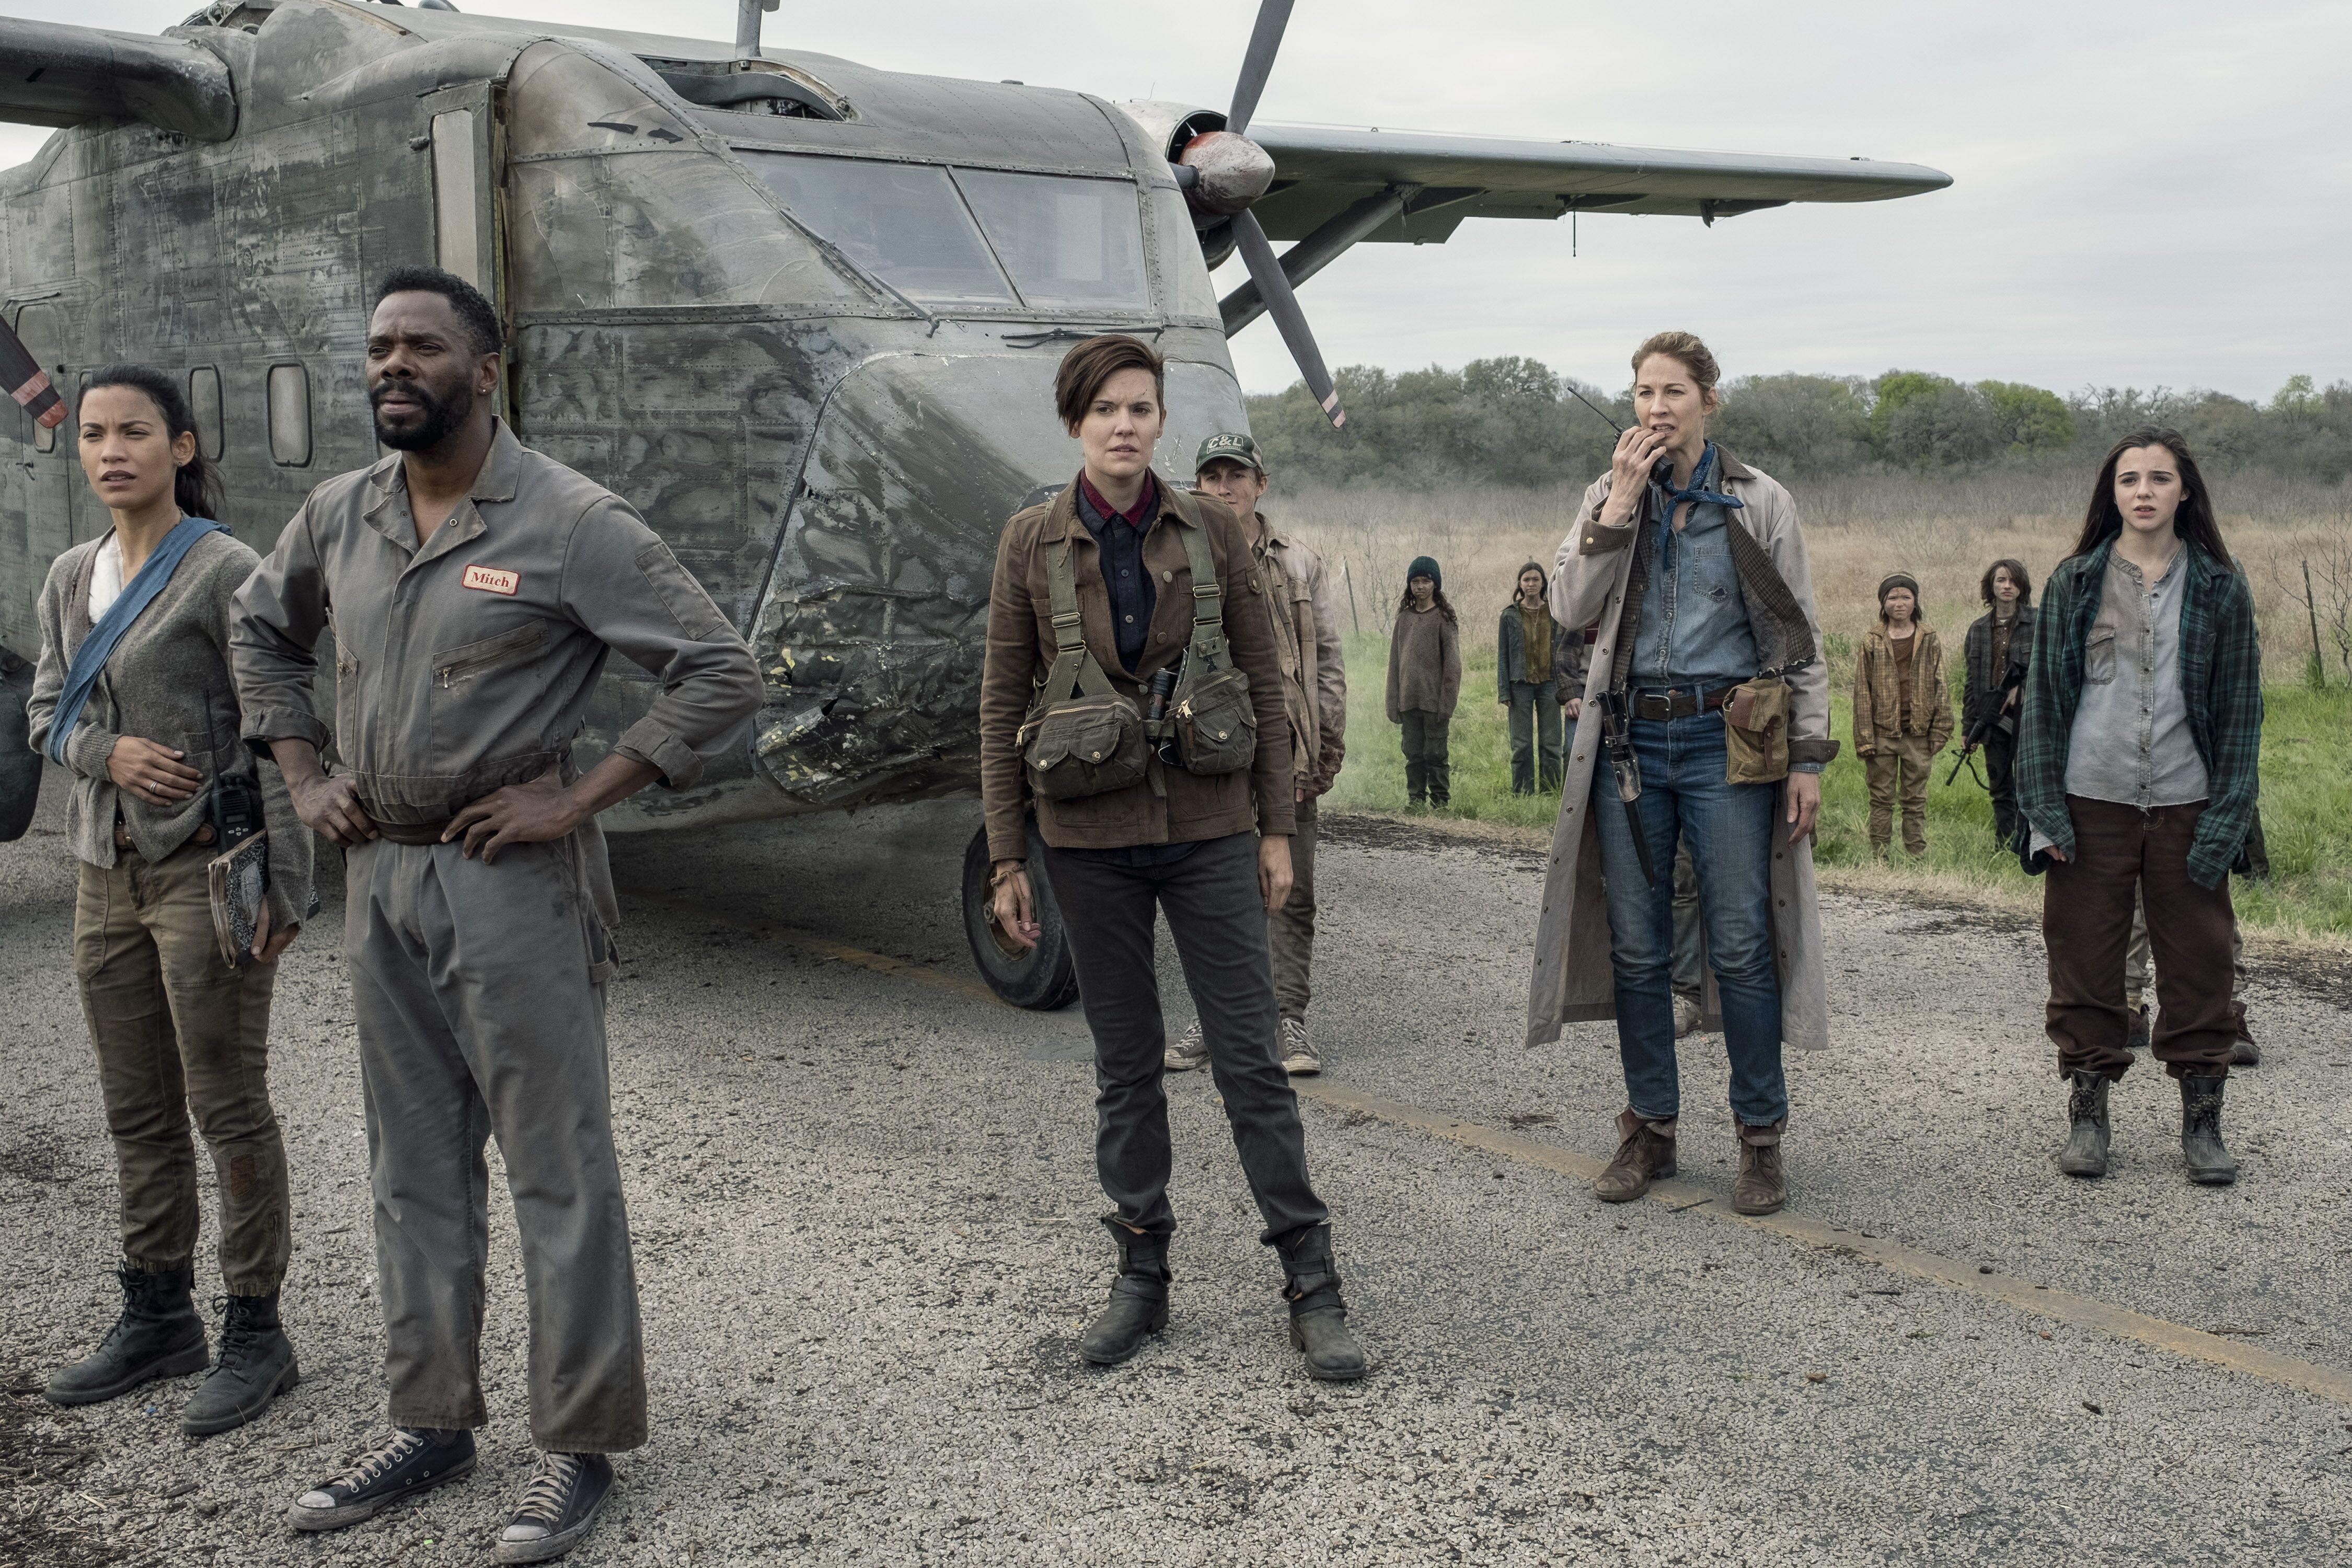 Fear The Walking Dead season 5B trailer released – Watch it online